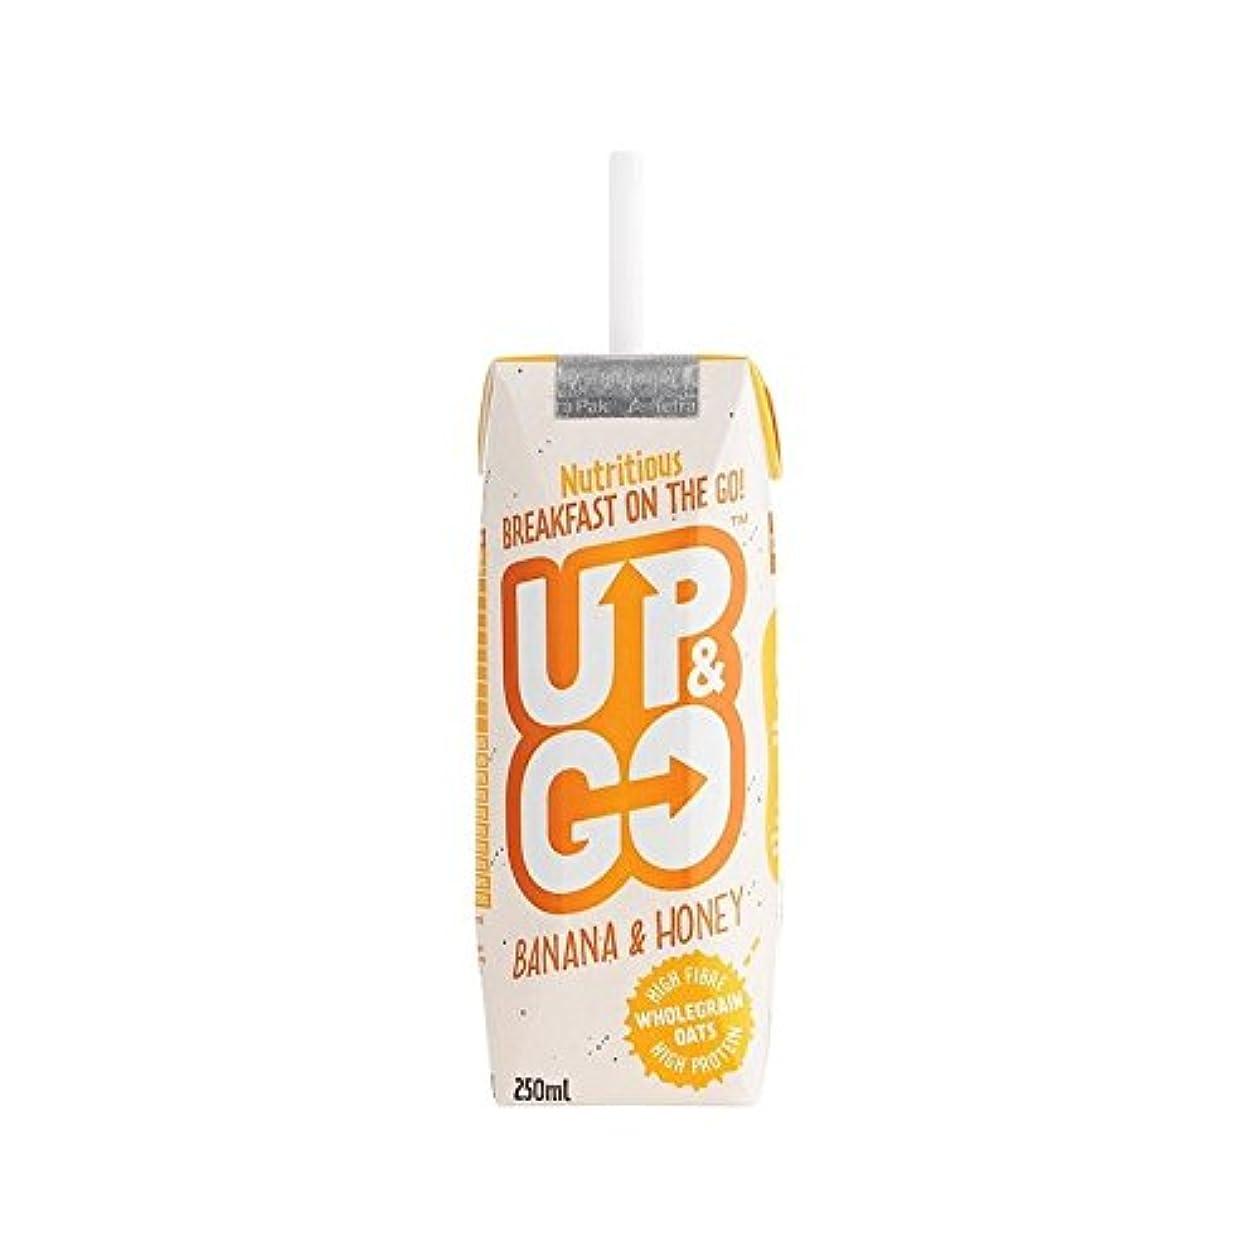 災難魔法インタネットを見るオート麦の250ミリリットルとバナナ&ハニー朝食ドリンク (Up&Go) (x 4) - Up&Go Banana & Honey Breakfast Drink with Oats 250ml (Pack of 4)...